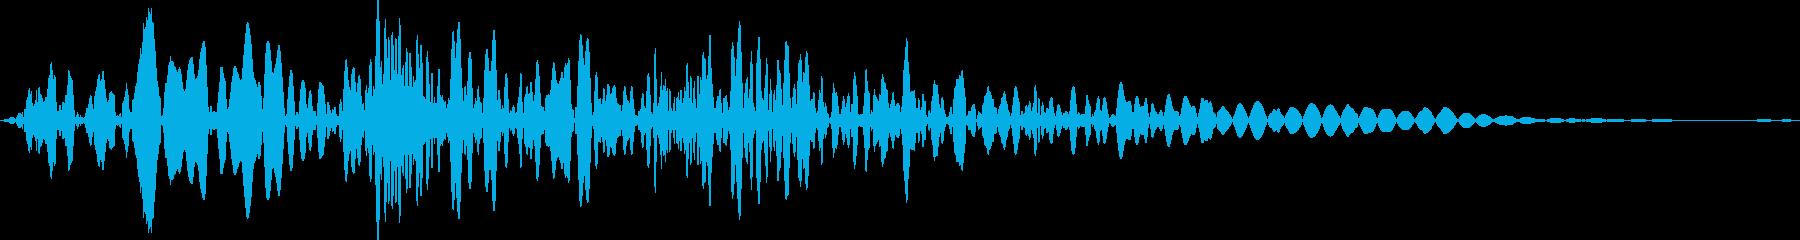 ボタン押下や決定音_ジュオンッ!の再生済みの波形